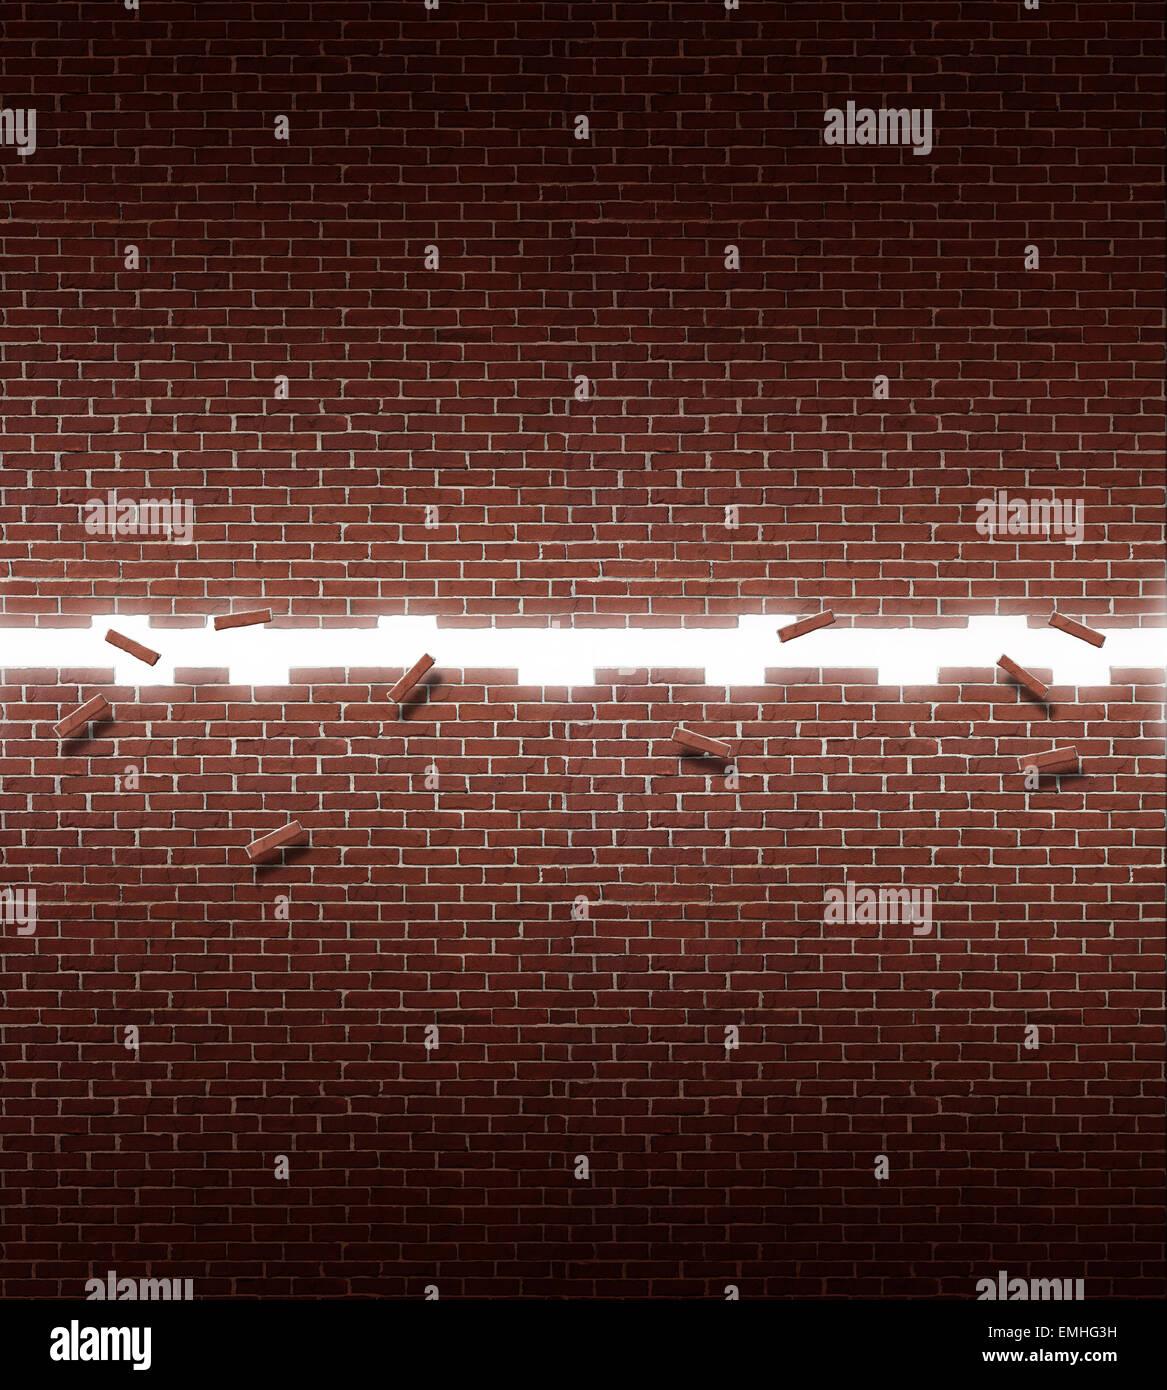 Mur ouvert la réussite de l'entreprise concept avec une structure en brique d'ouverture comme un symbole Photo Stock